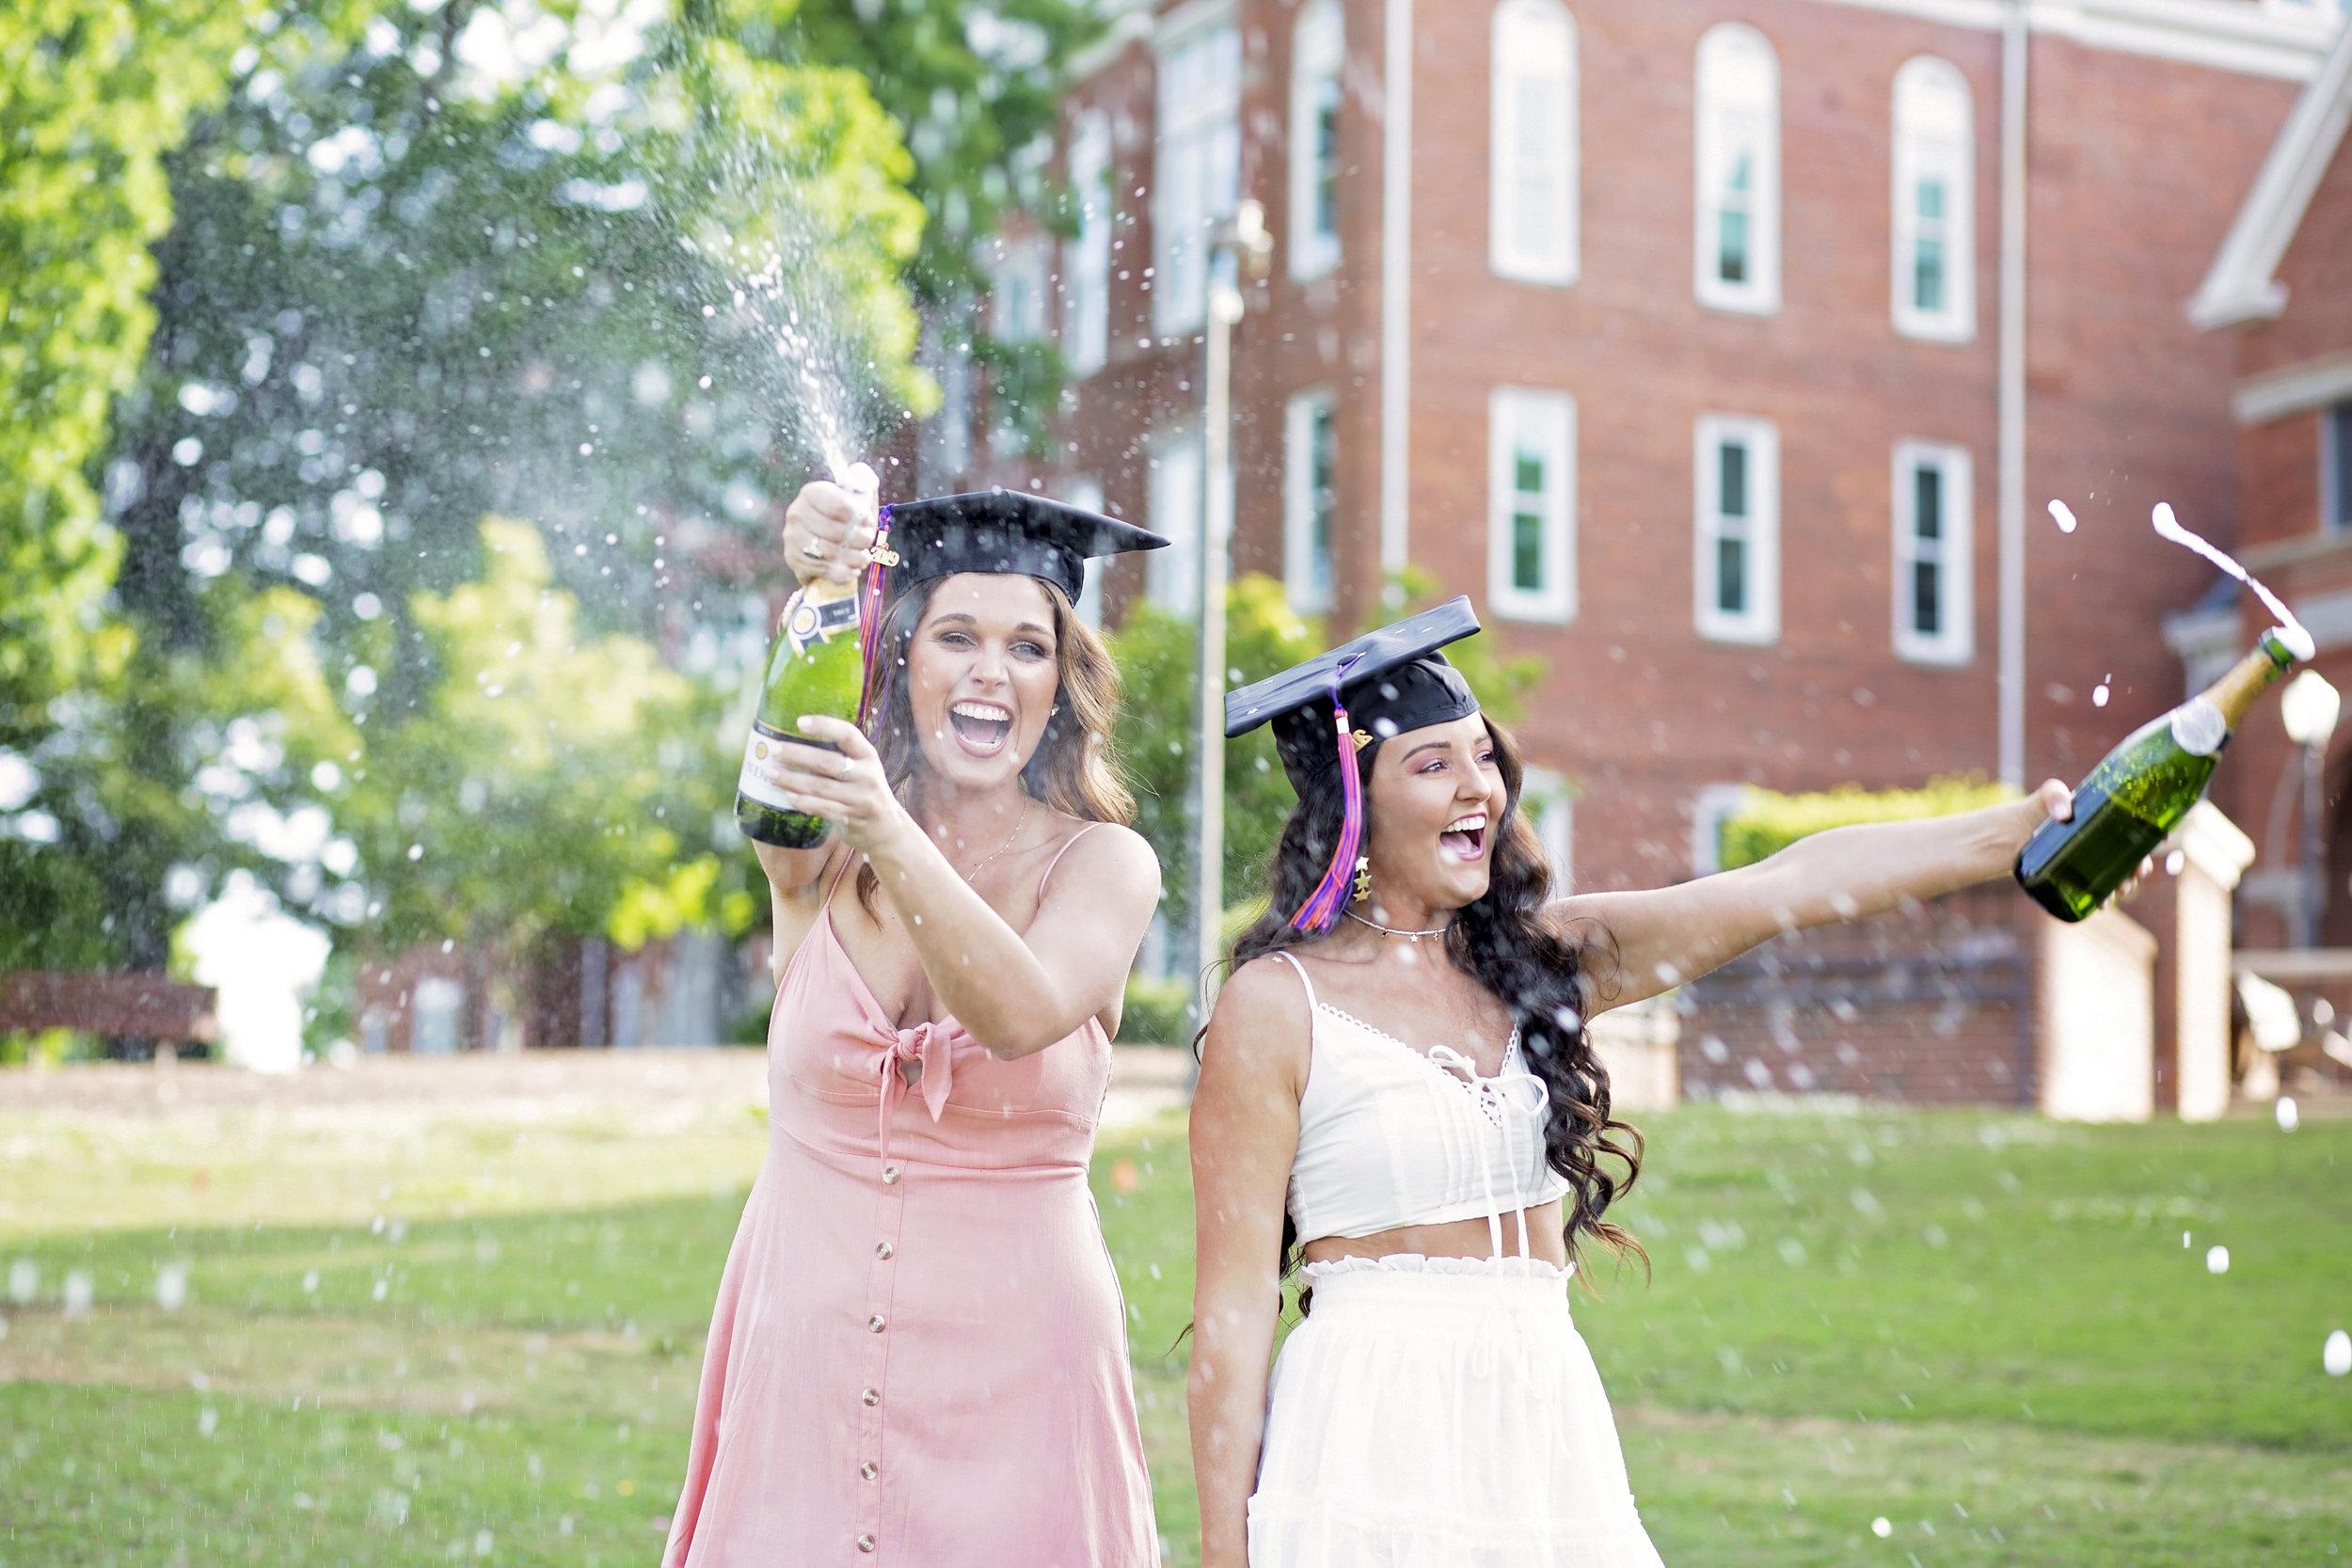 clemson university senior portraits pictures champagne